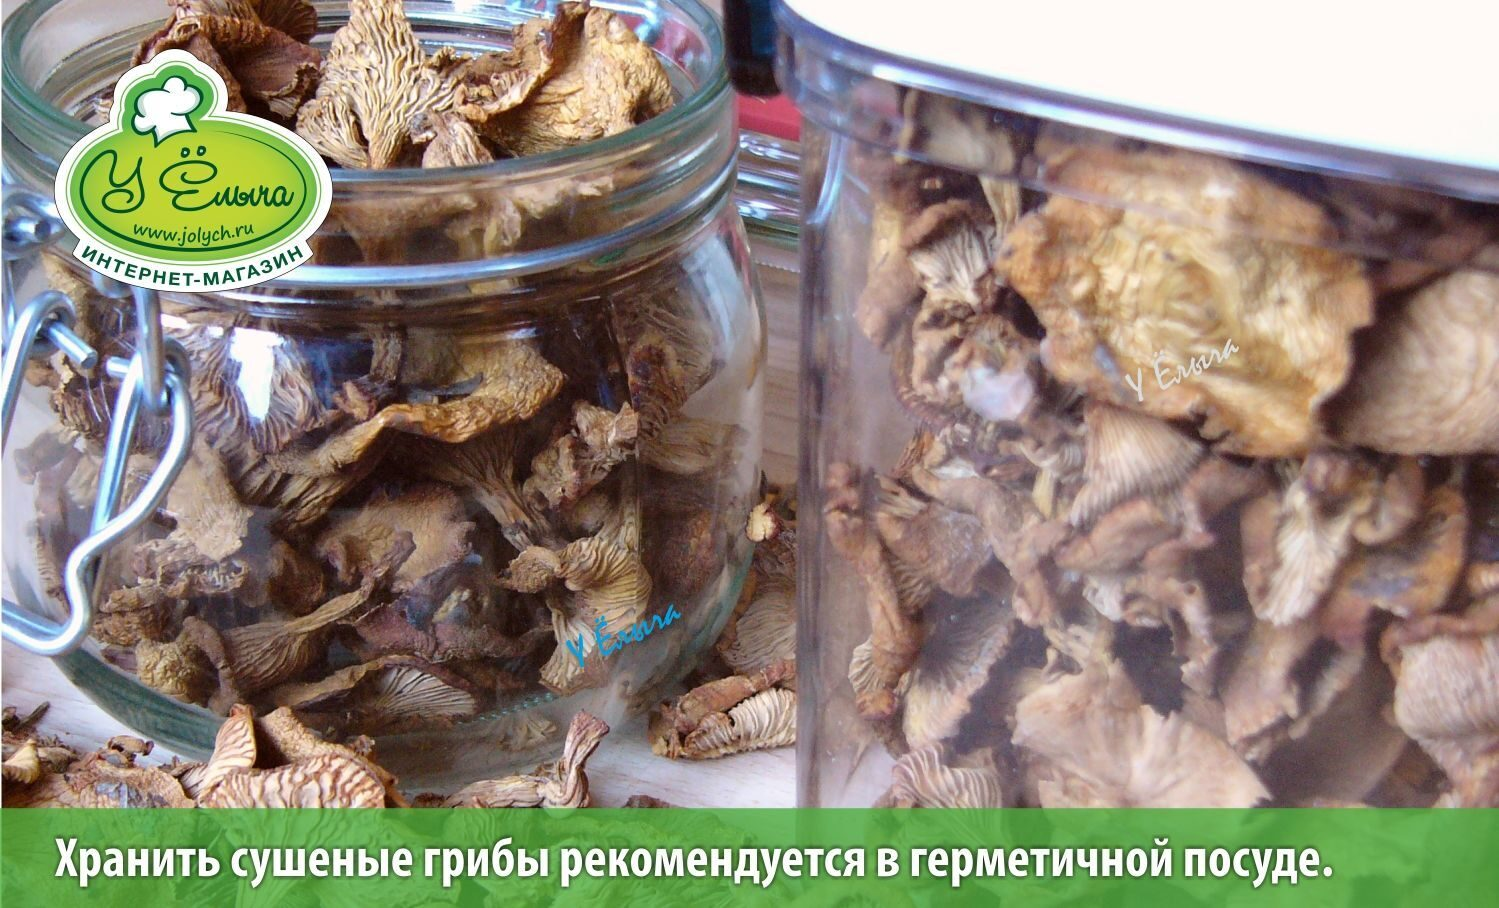 Сколько хранить сушеные грибы в домашних условиях 78